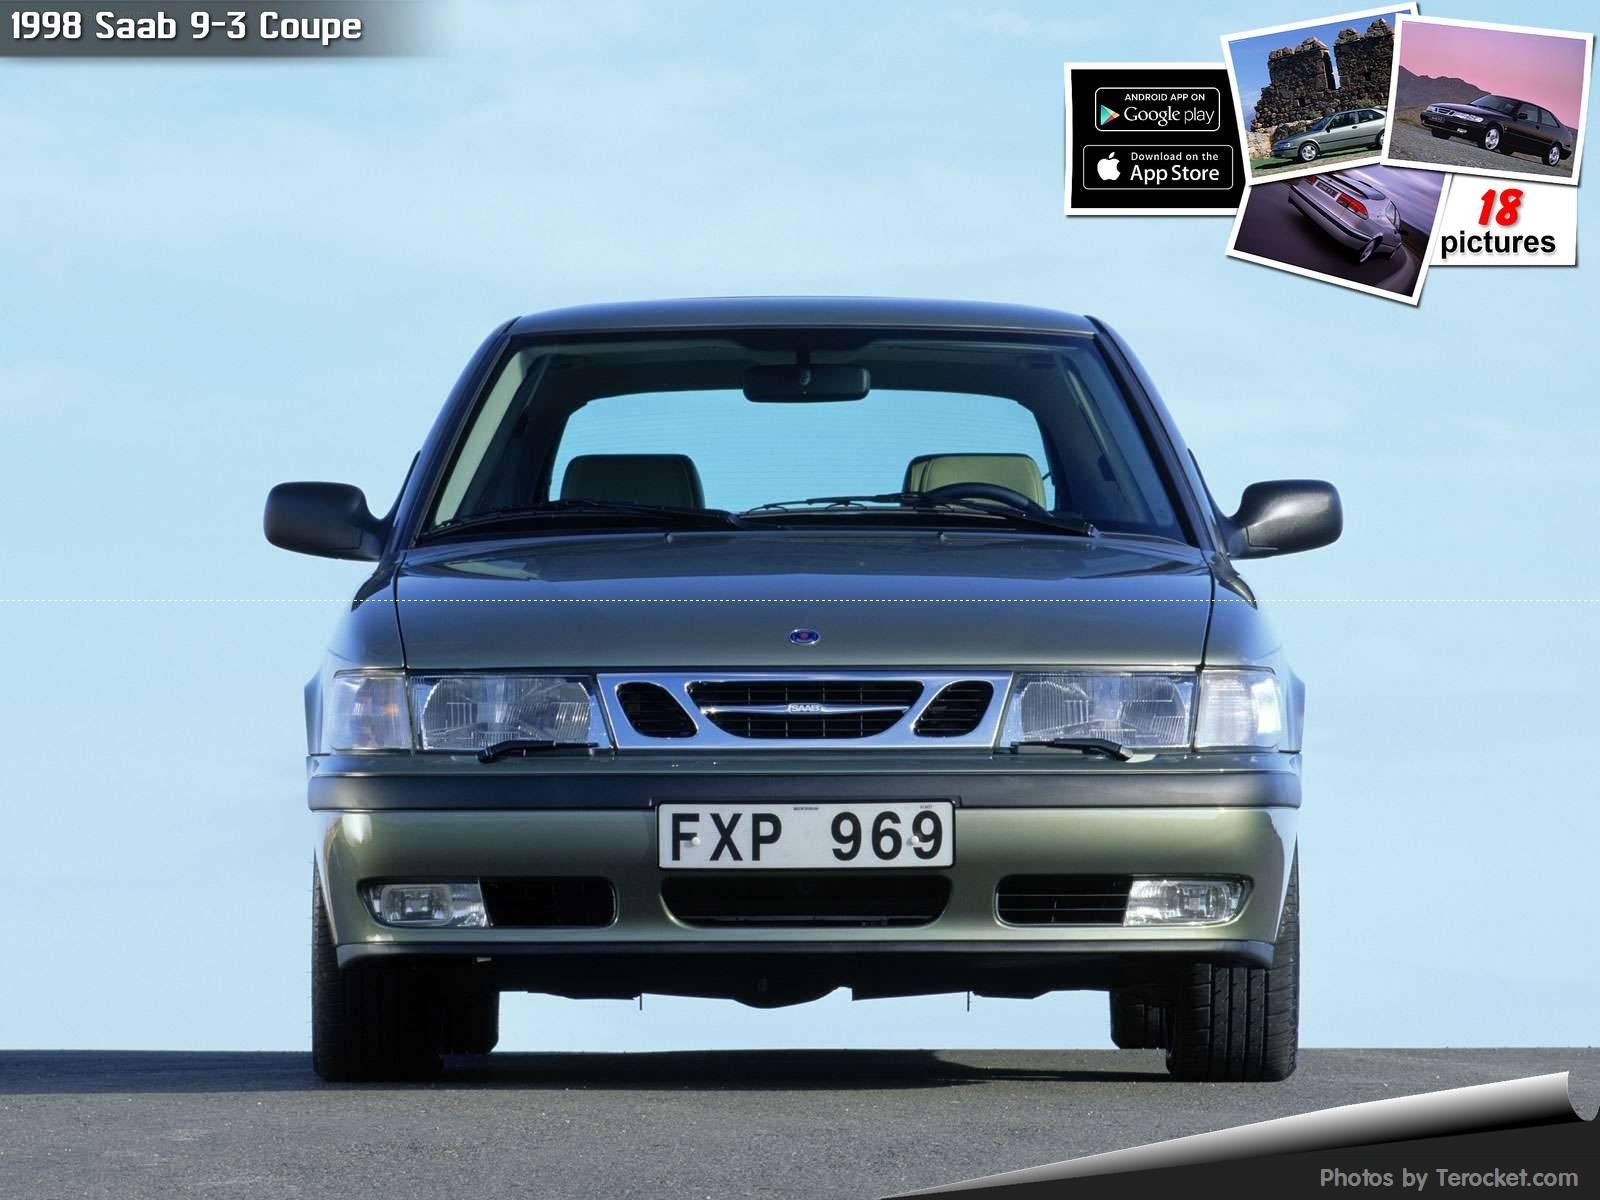 Hình ảnh xe ô tô Saab 9-3 Coupe 1998 & nội ngoại thất